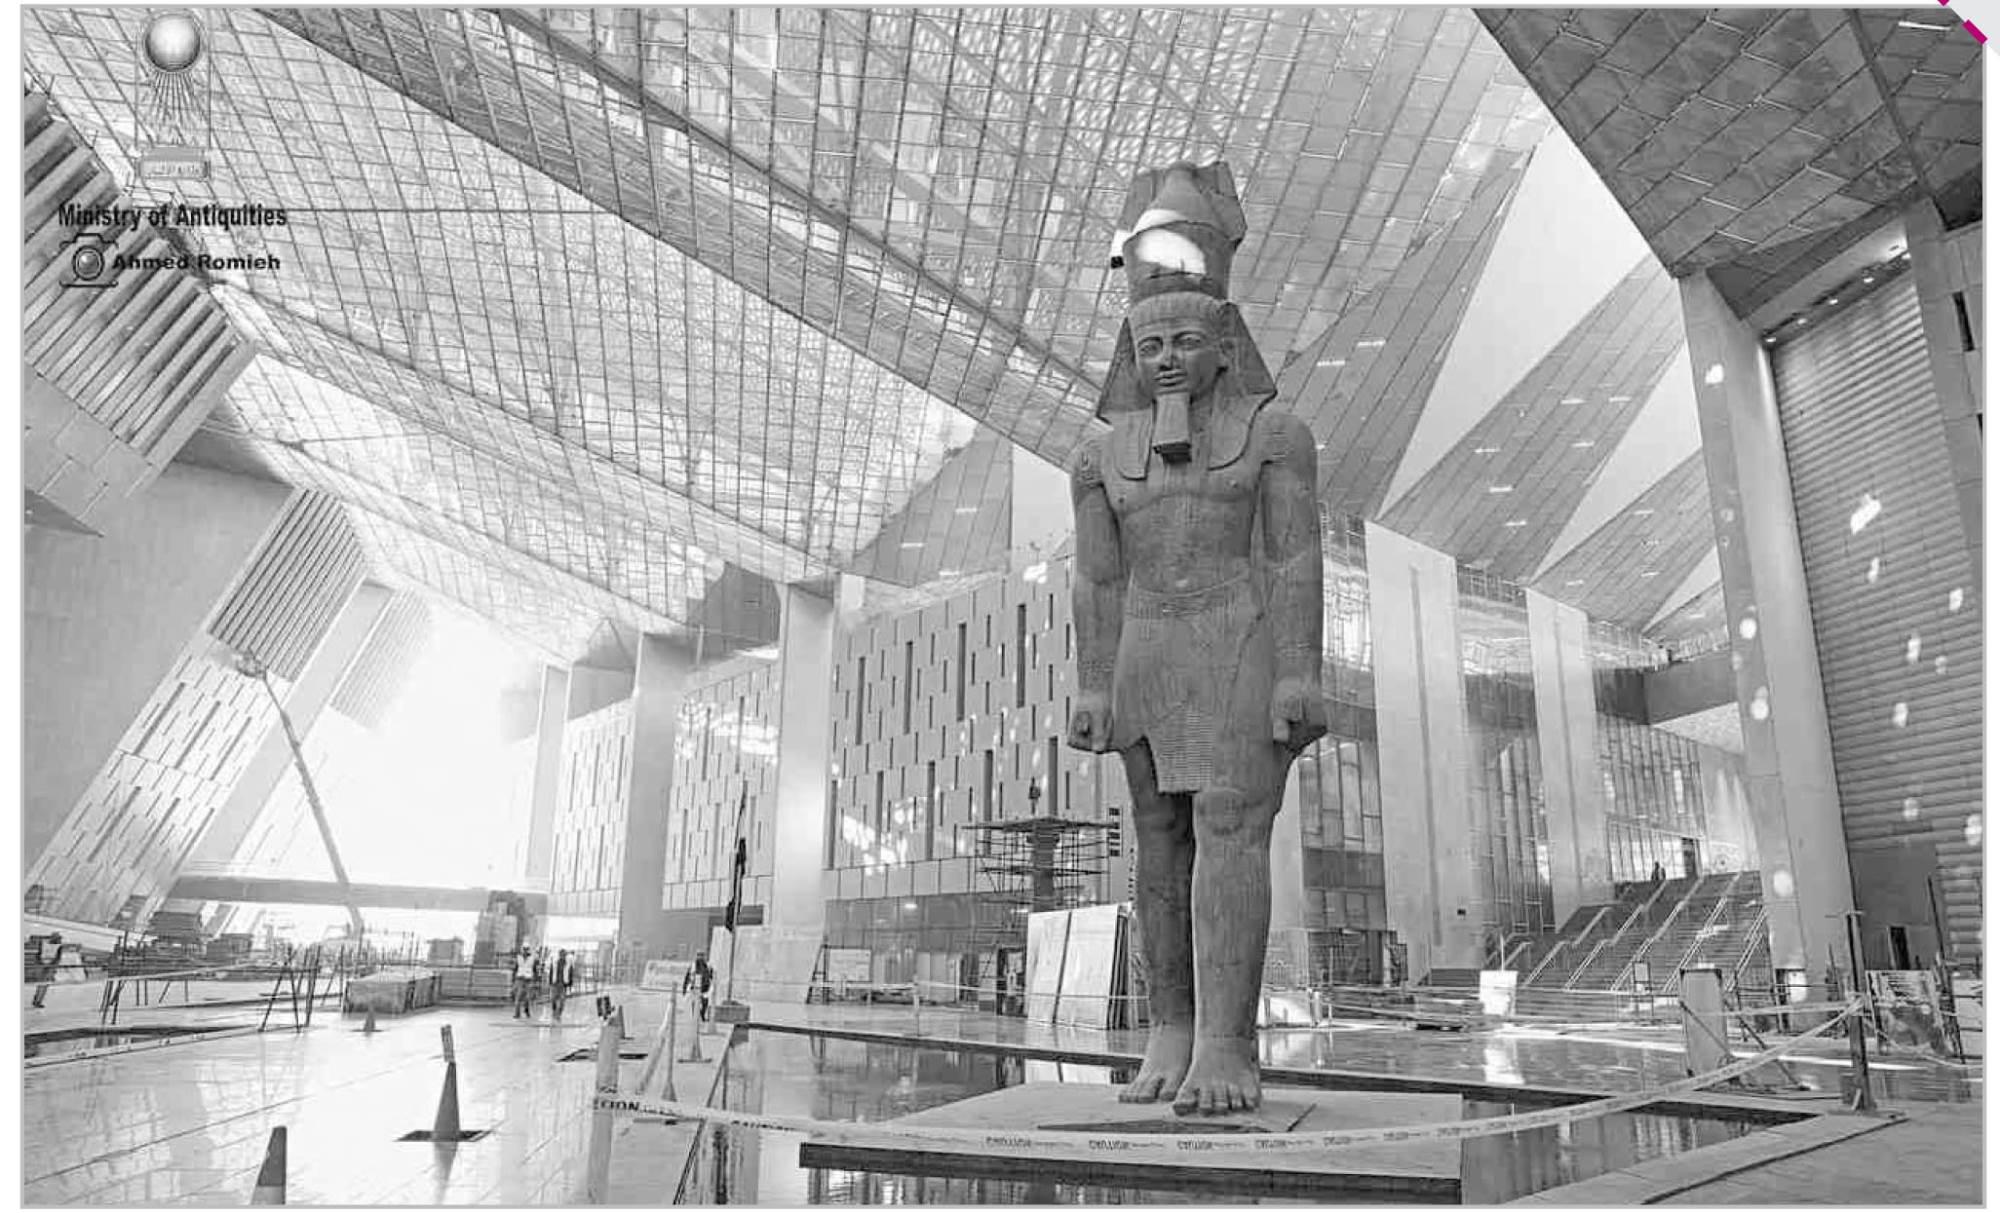 العمل جارى بالمتحف المصرى الكبير.. بما يليق بحضارة مصر